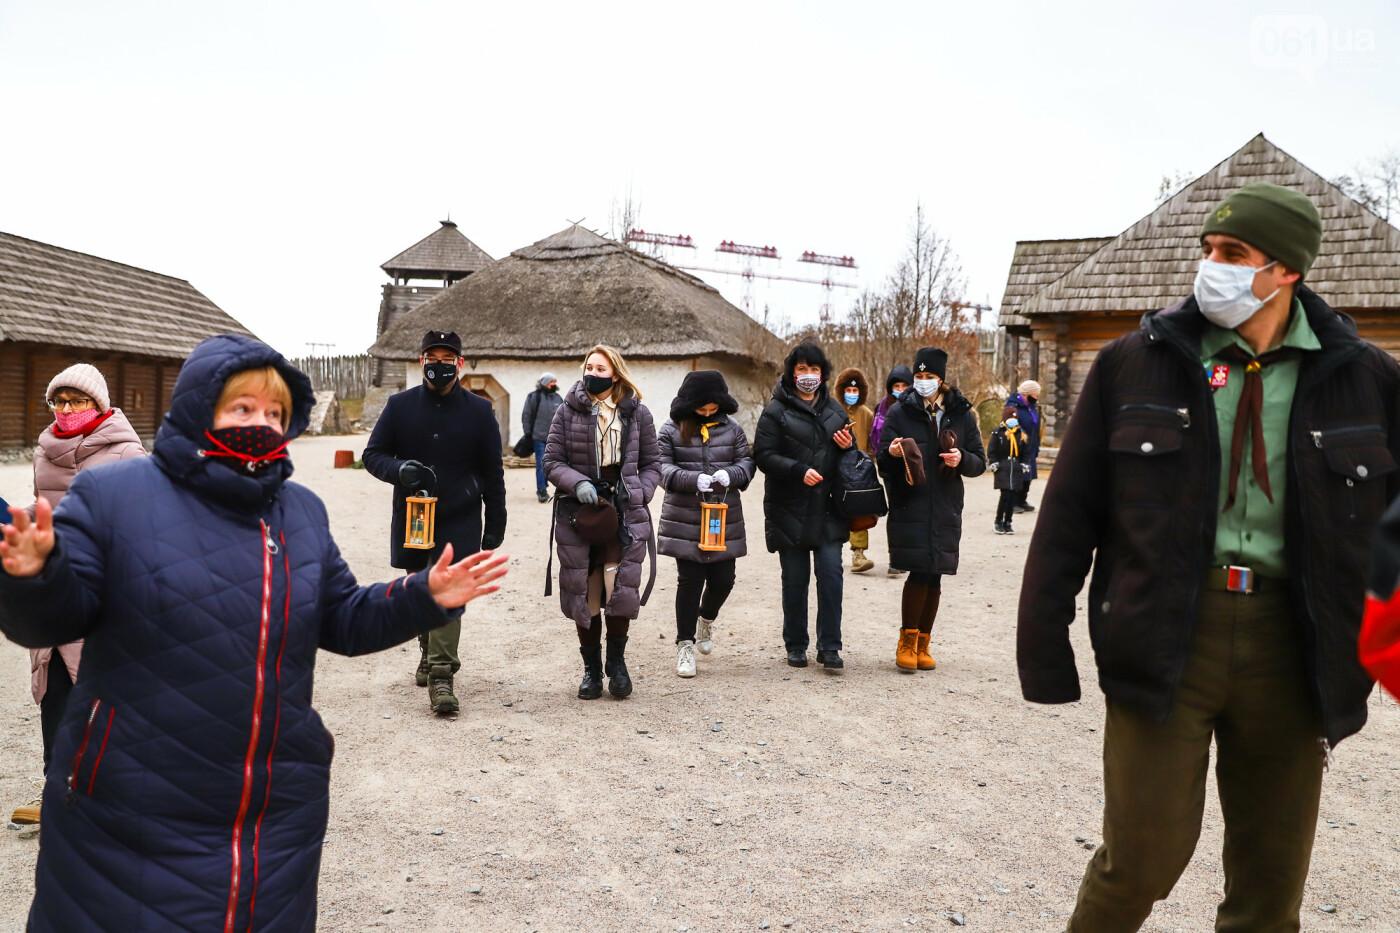 На Хортице скауты передали священникам Вифлеемский огонь, - ФОТОРЕПОРТАЖ, фото-9